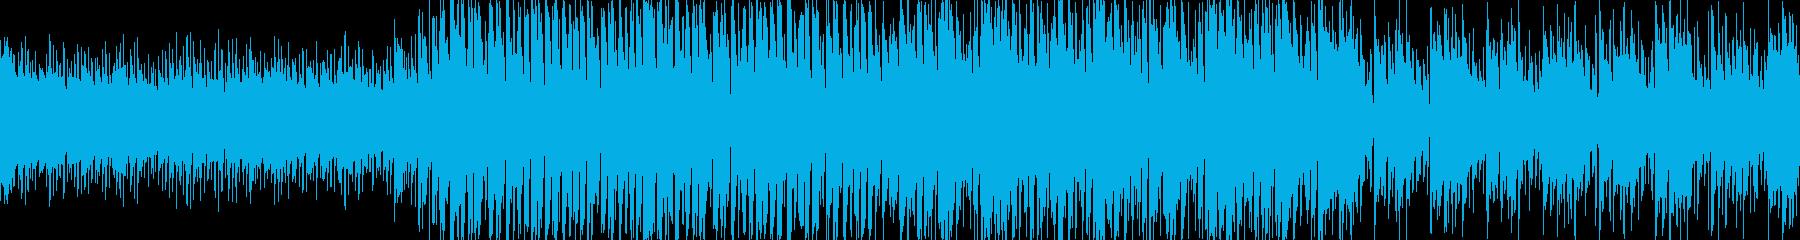 【ループ対応】パズルレーシング【アプリ】の再生済みの波形